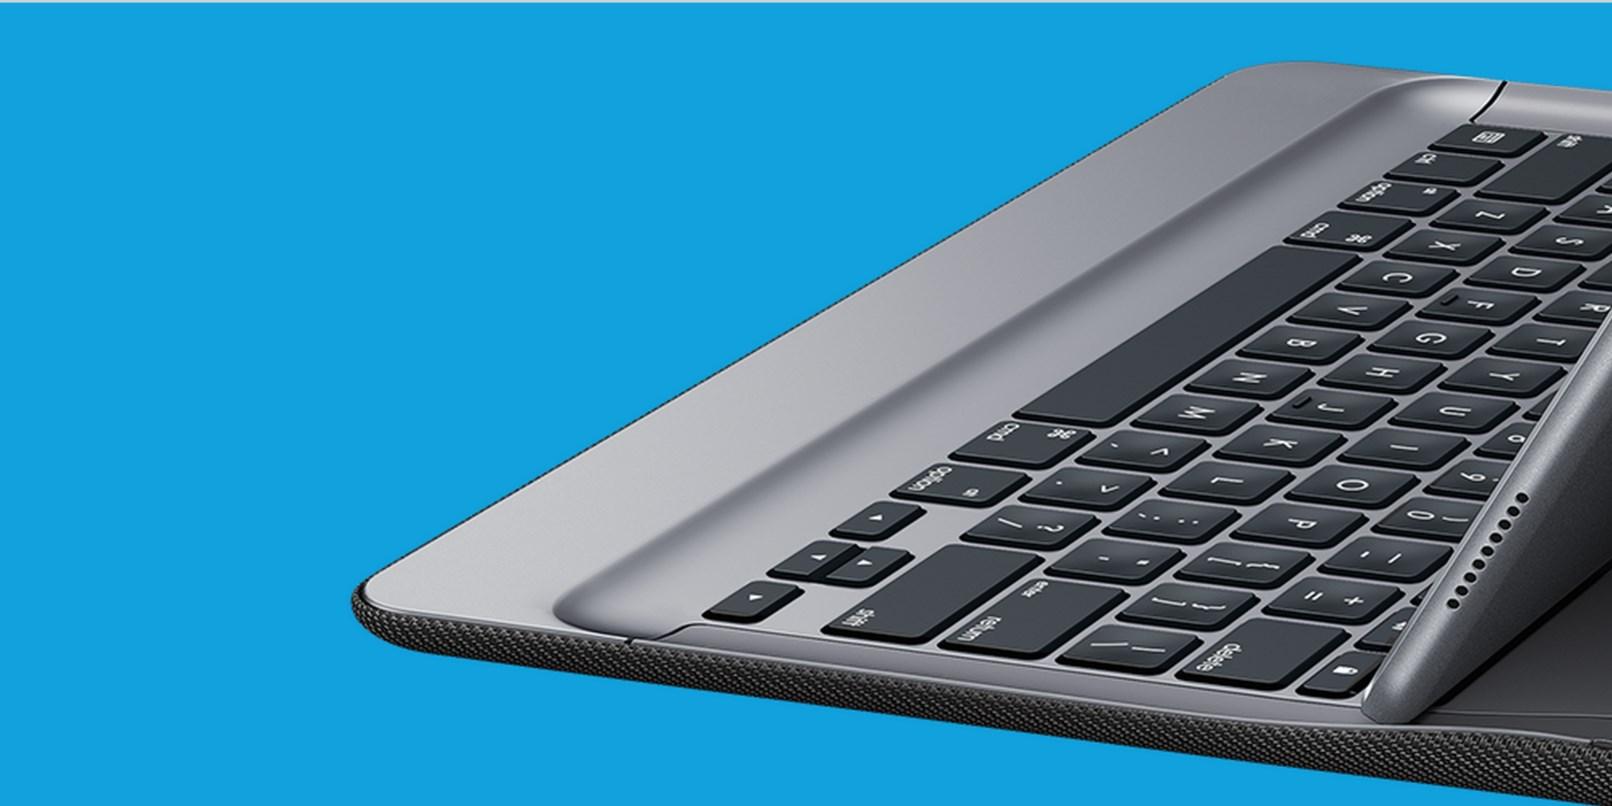 Logitech iPad Pro Klavyesi Şarja ihtiyaç Duymuyor